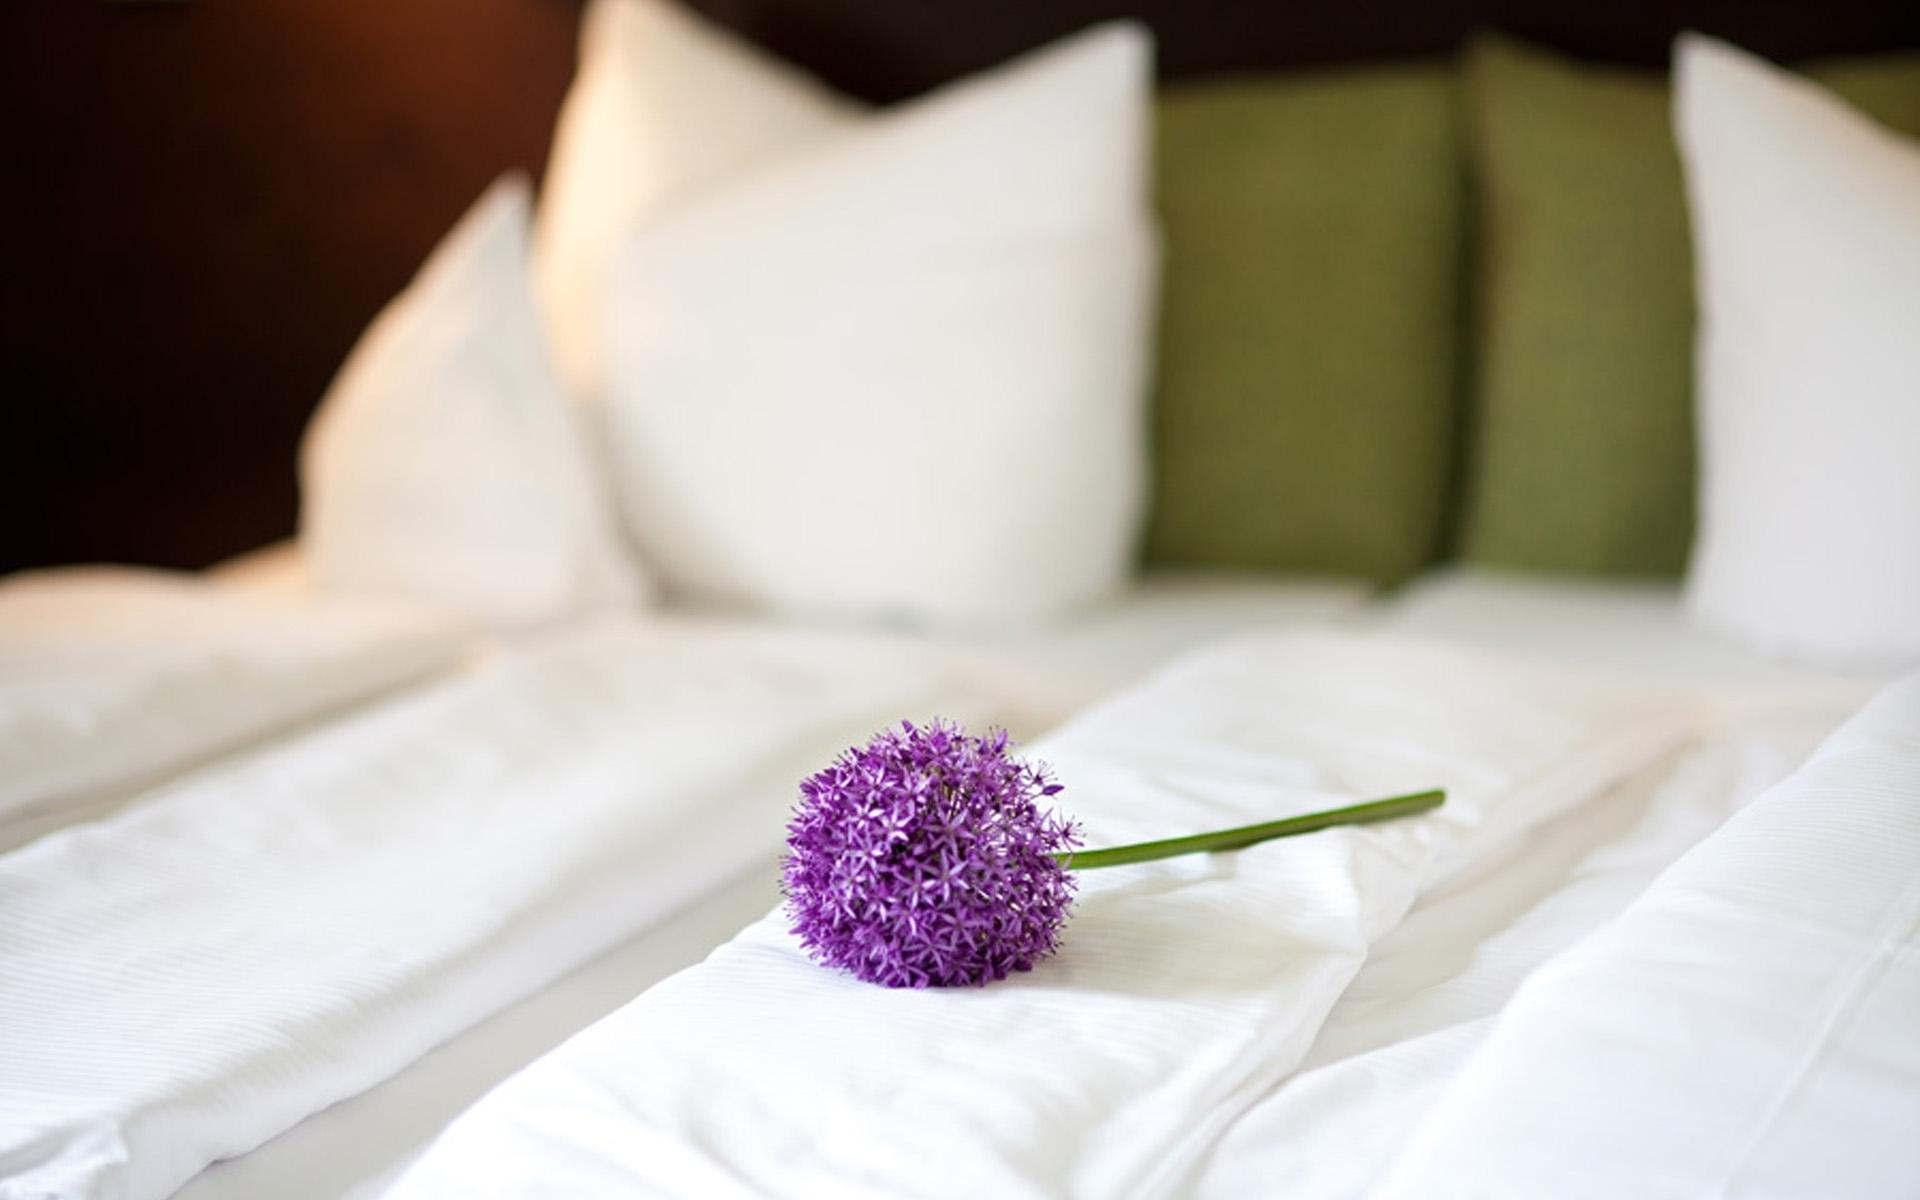 th mling matratzen sind meisterwerke der hohen schlafkultur th mling matratzenmanufaktur. Black Bedroom Furniture Sets. Home Design Ideas